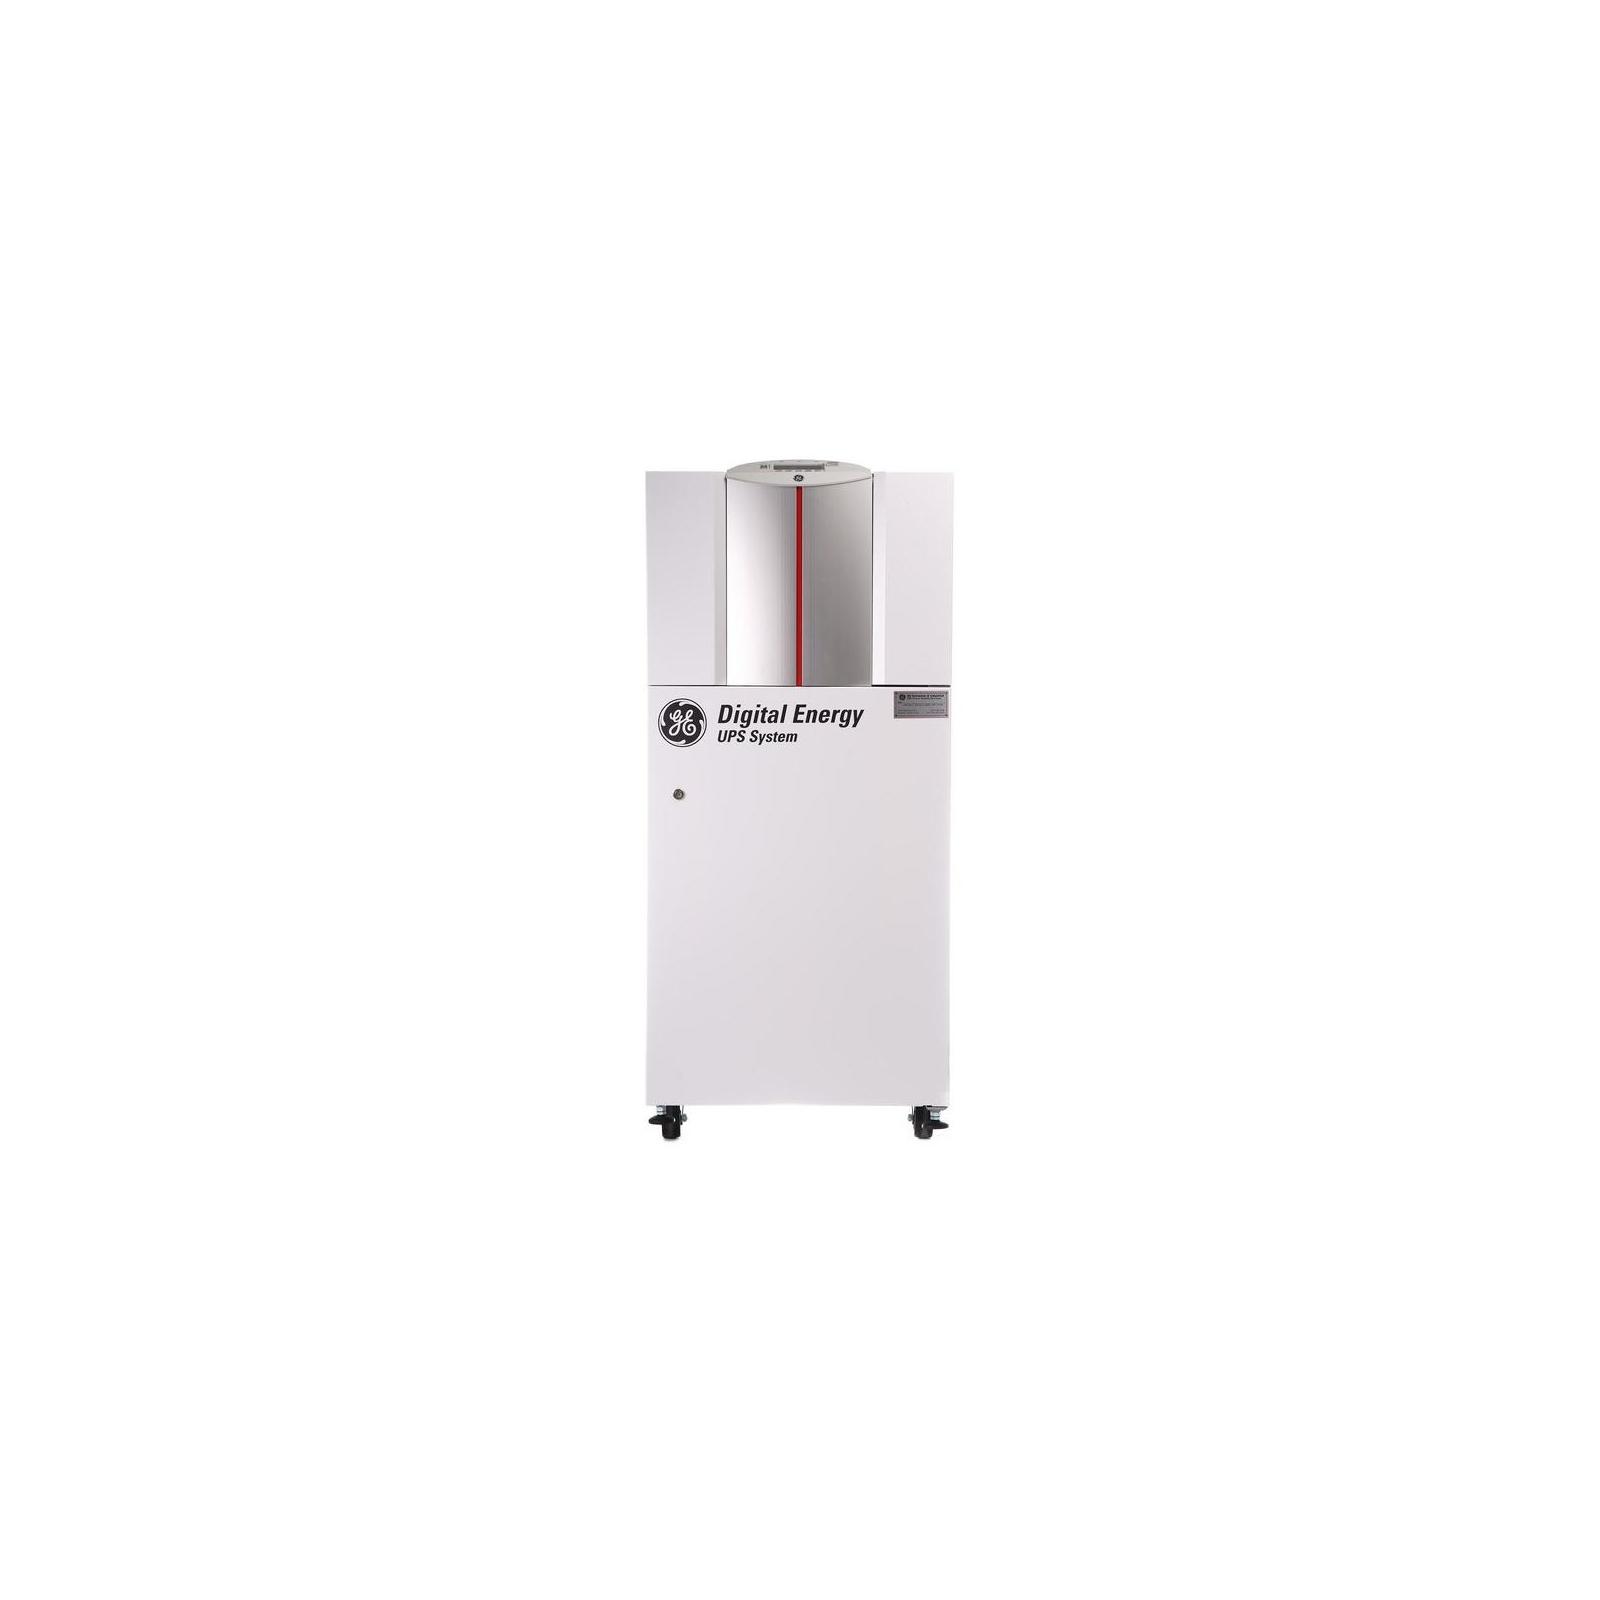 Источник бесперебойного питания General Electric LP 20-33 CE без батарей (25293) изображение 2